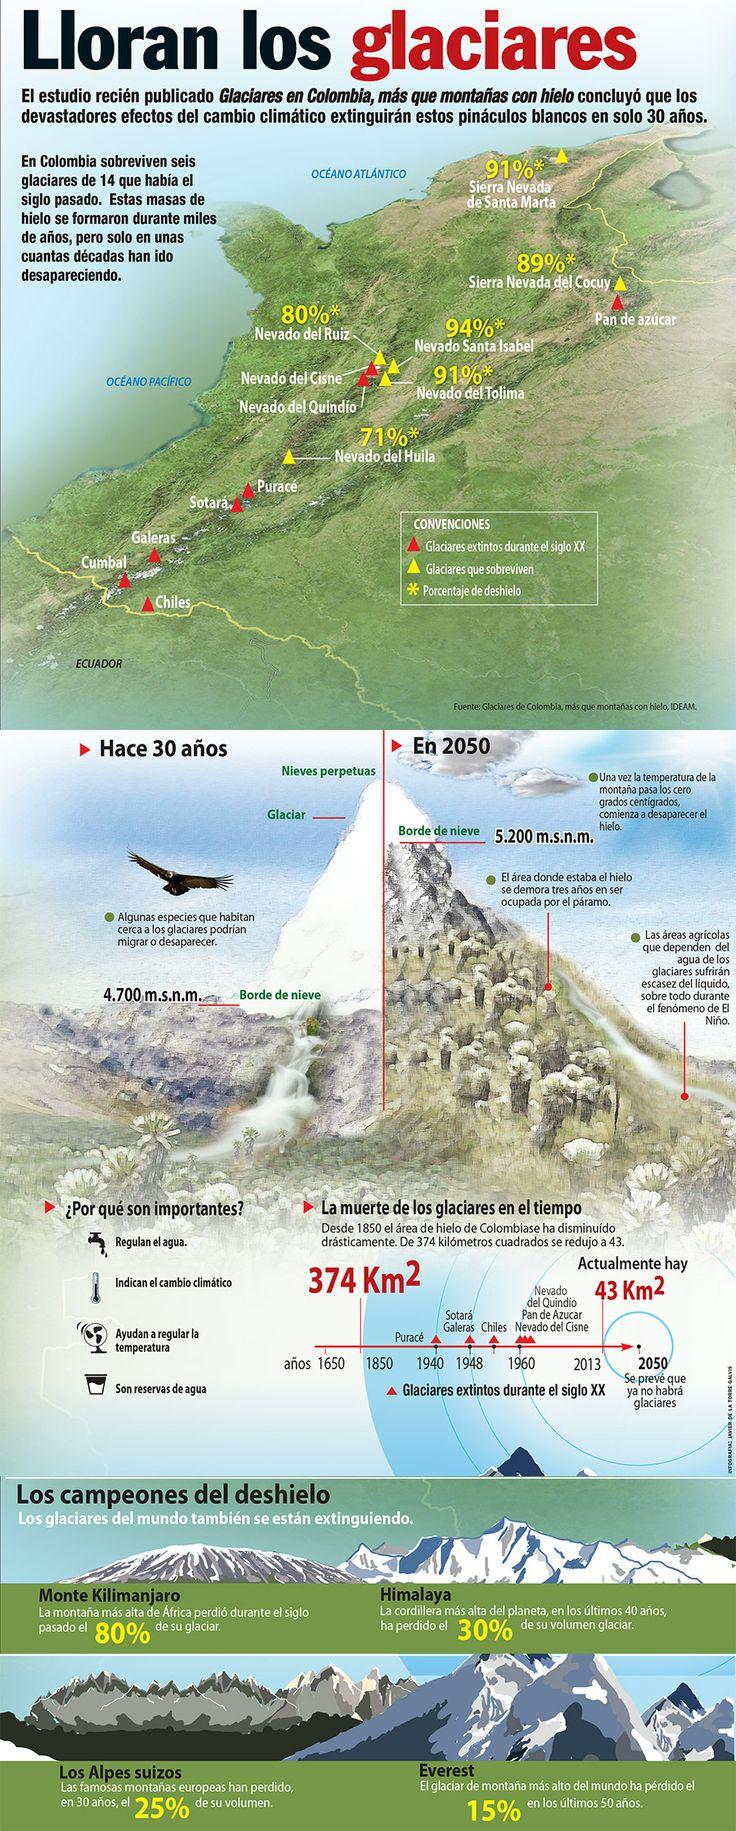 Lloran los glaciares de Colombia y el Mundo